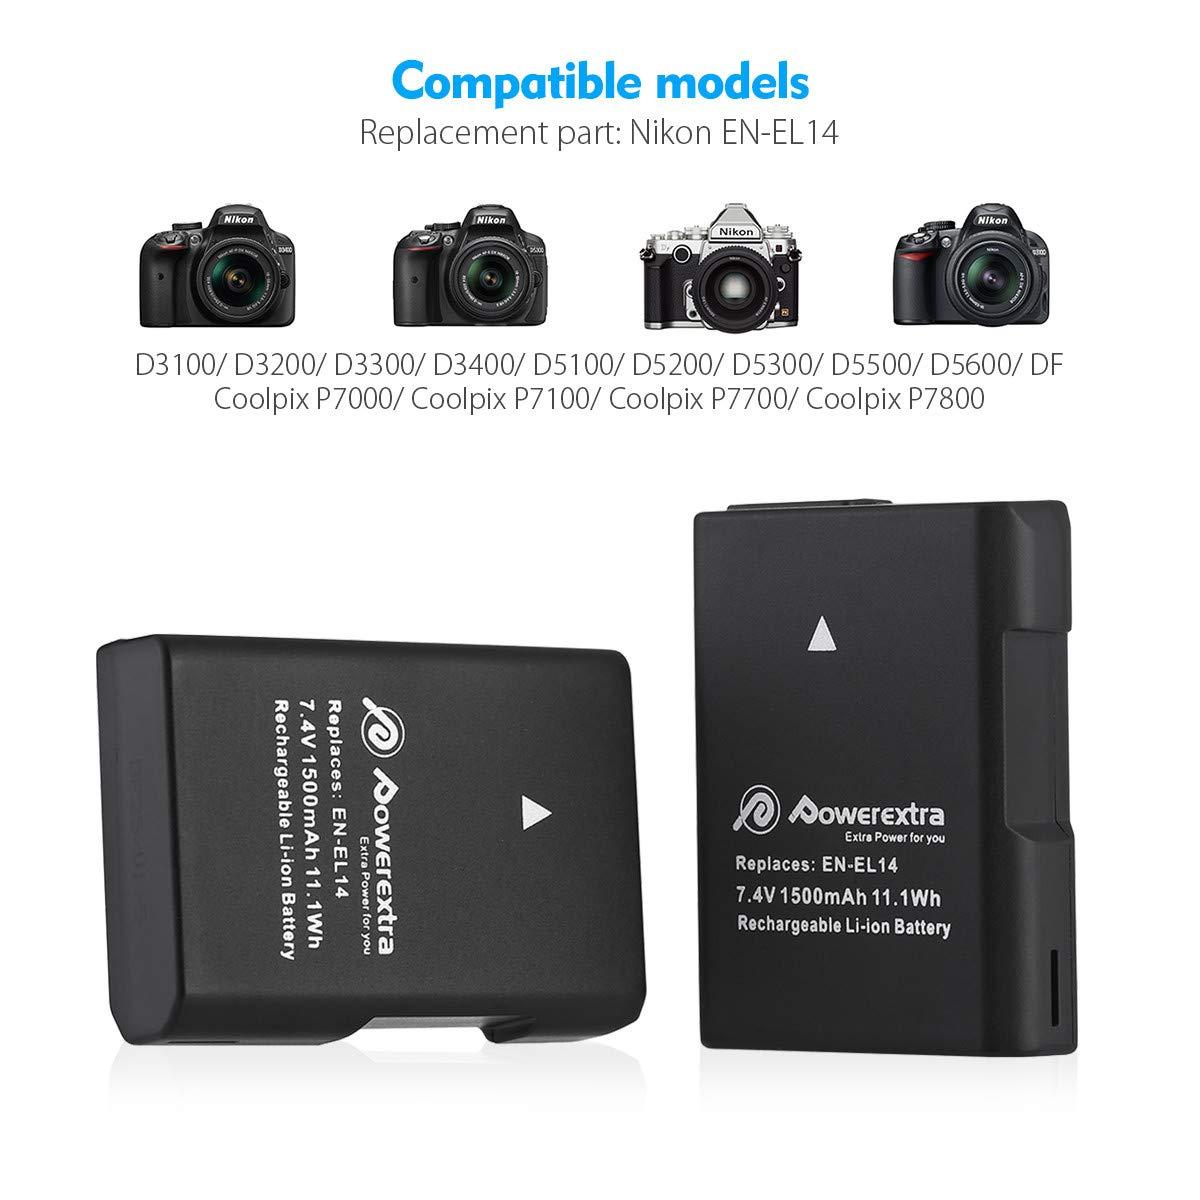 Coolpix P7000 7.4V battery for NIKON D5100 D3100 DSLR Coolpix P7700 Li-ion